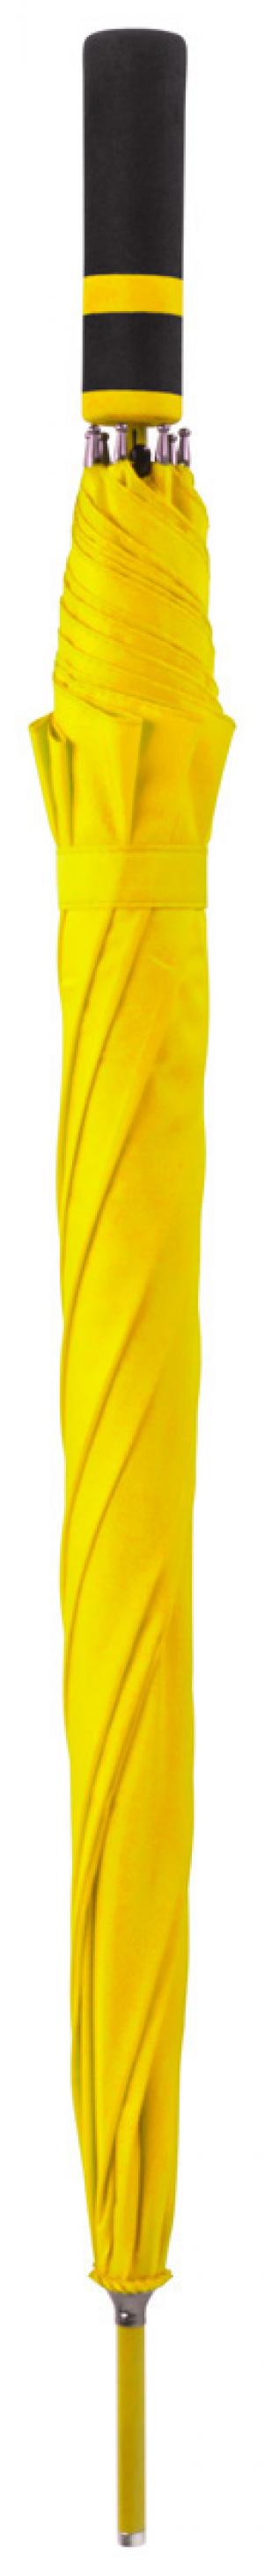 Verslo dovanos Cladok (umbrella)